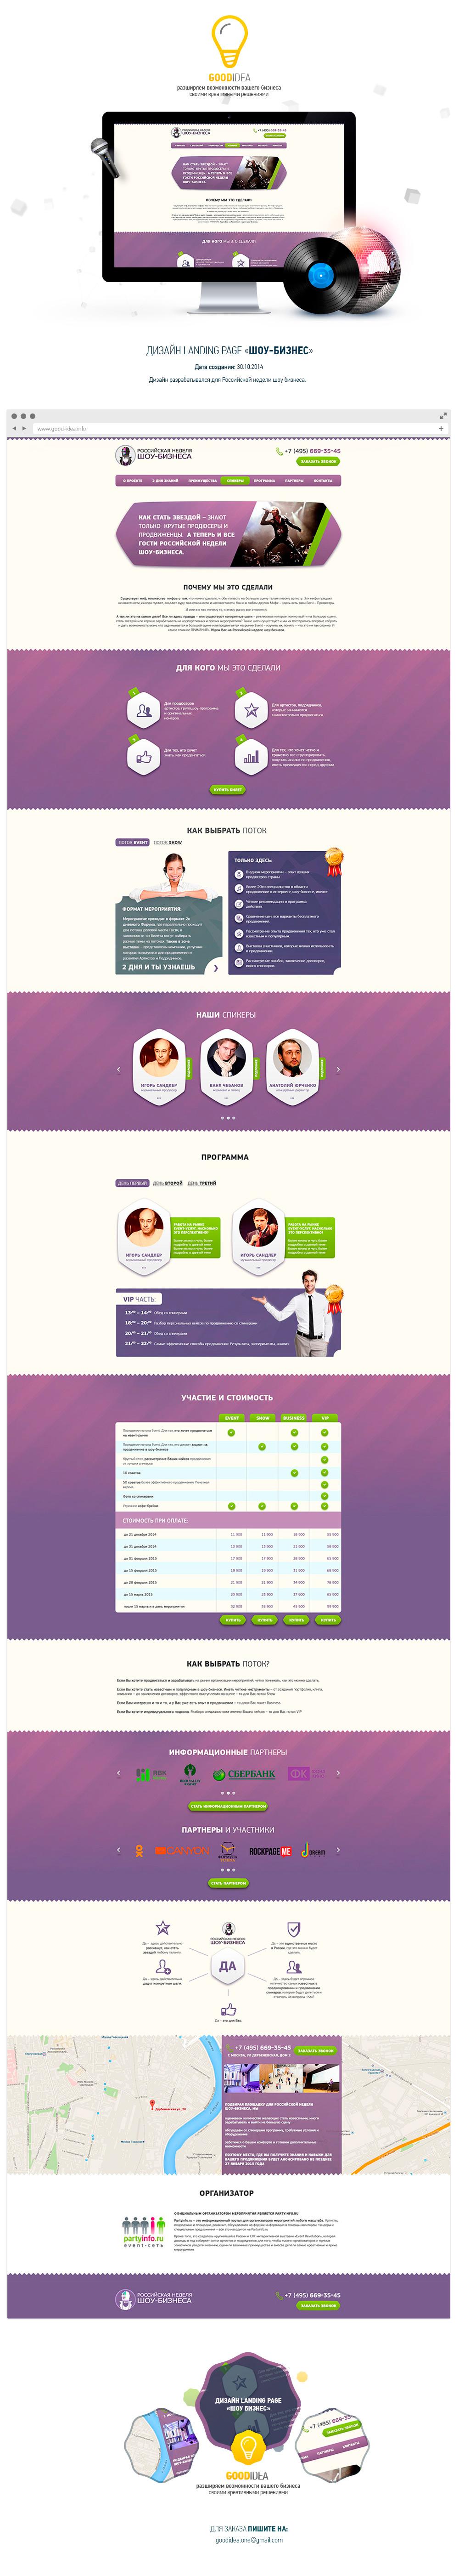 """Дизайн Landing Page """"Шоу бизнес"""" 2015 год"""